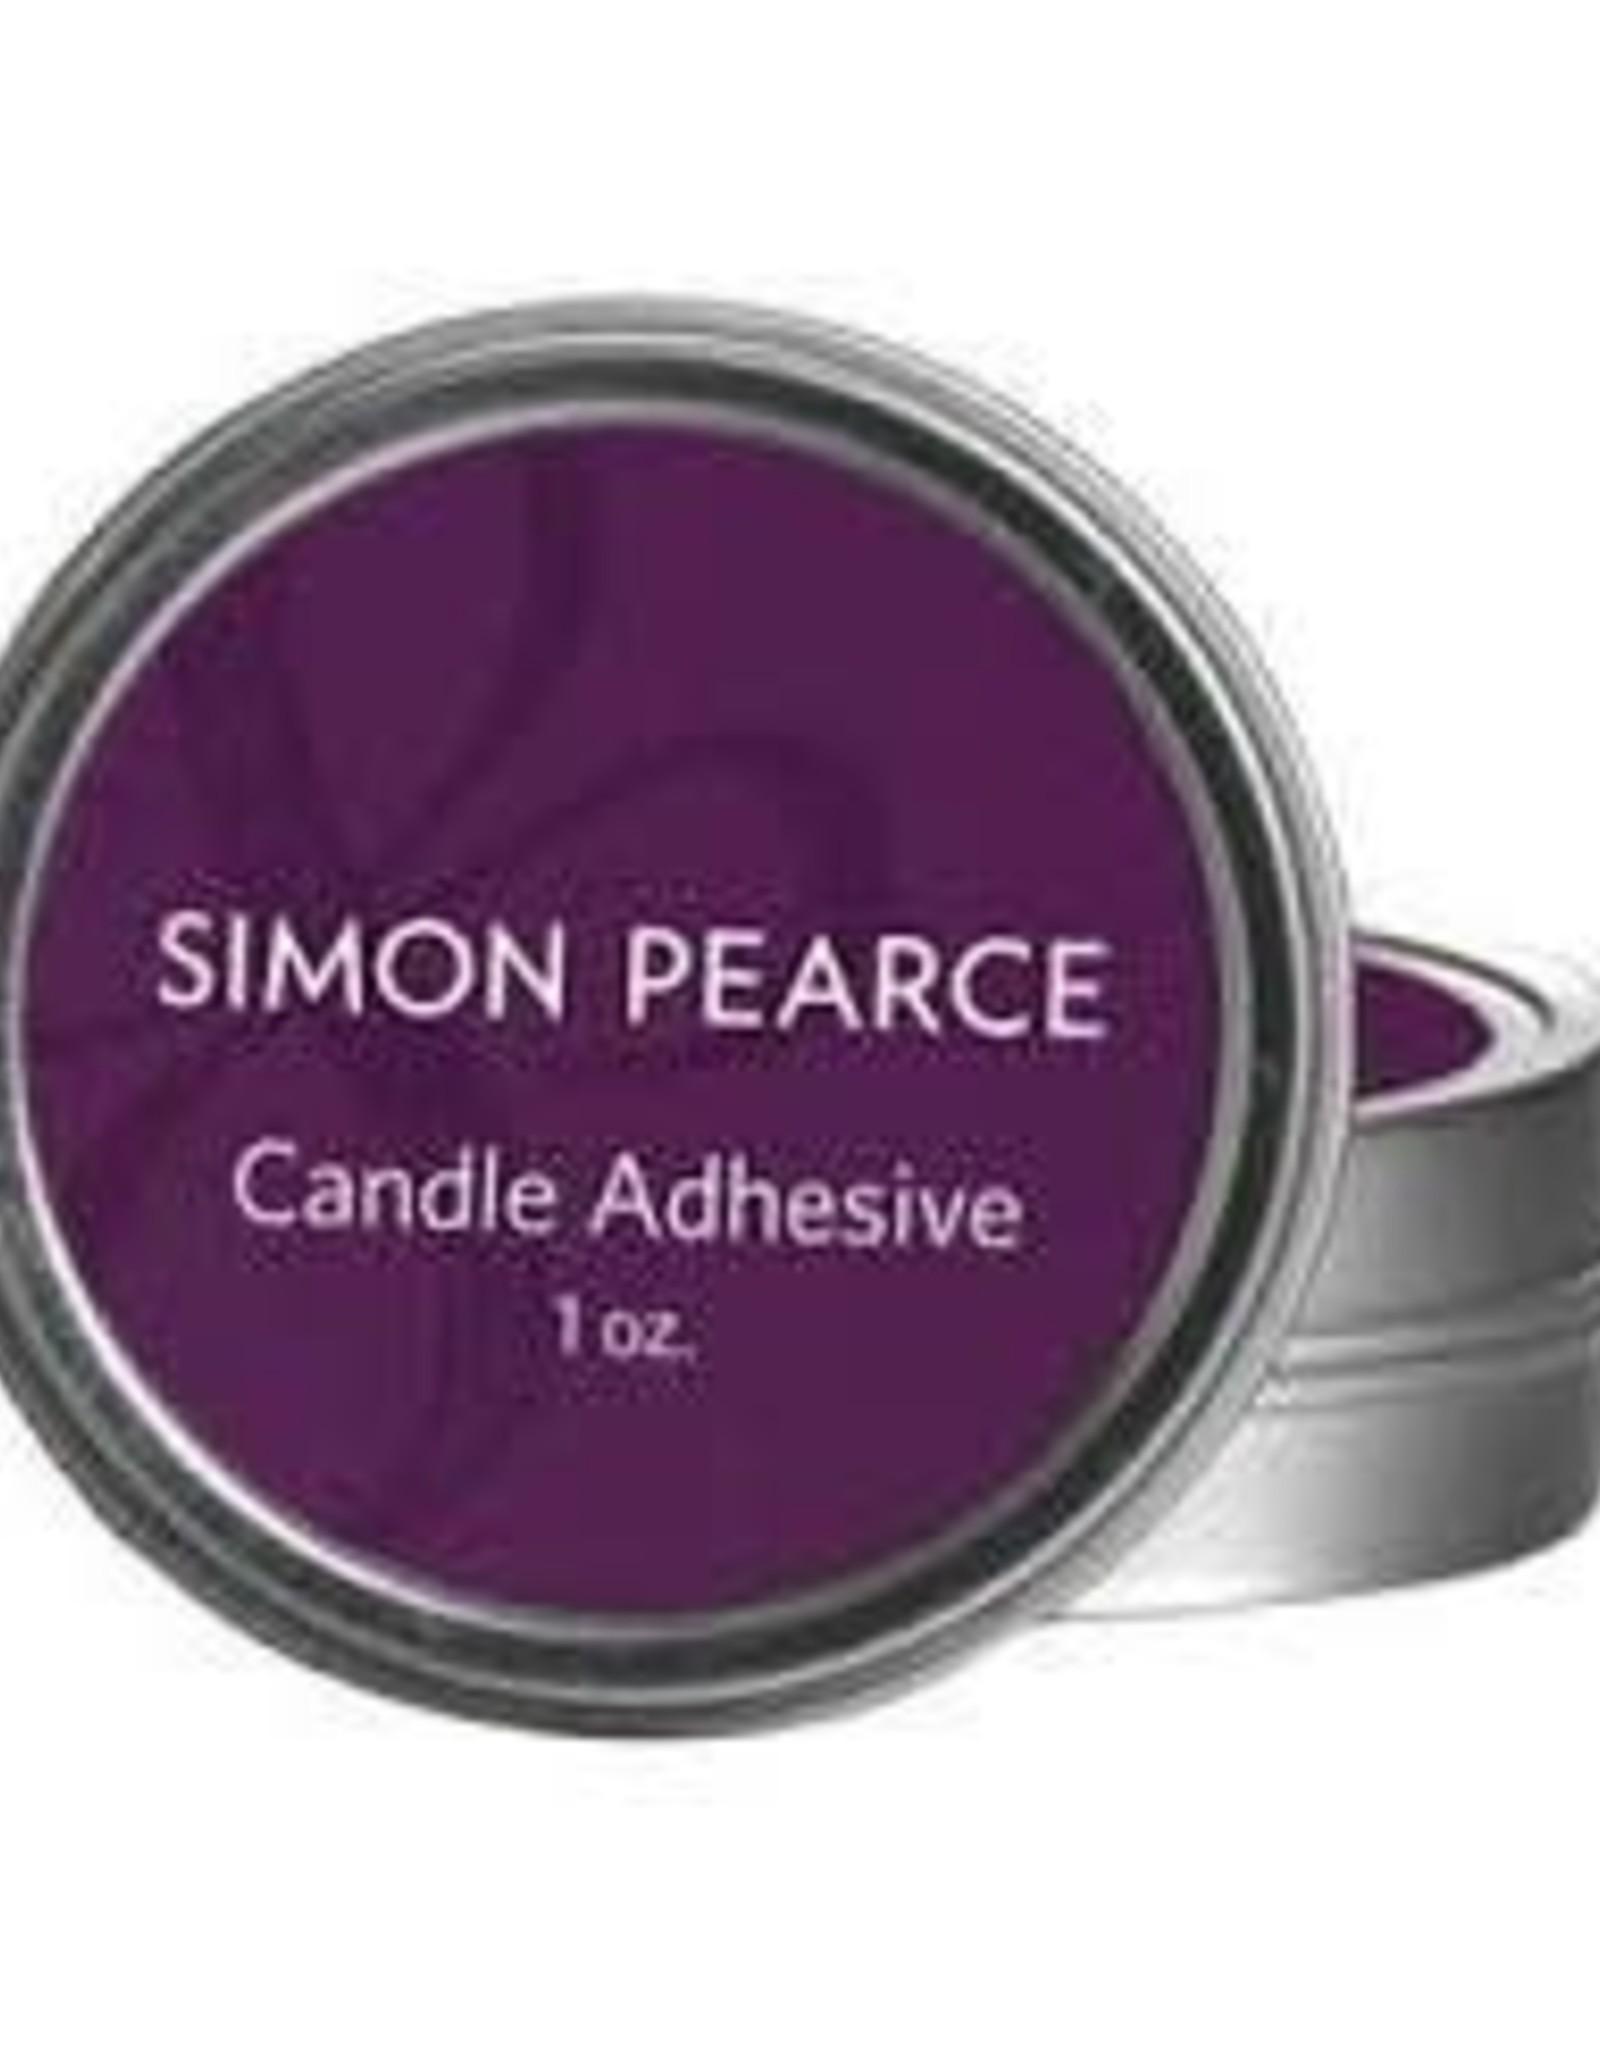 Simon Pearce Candle Adhesive